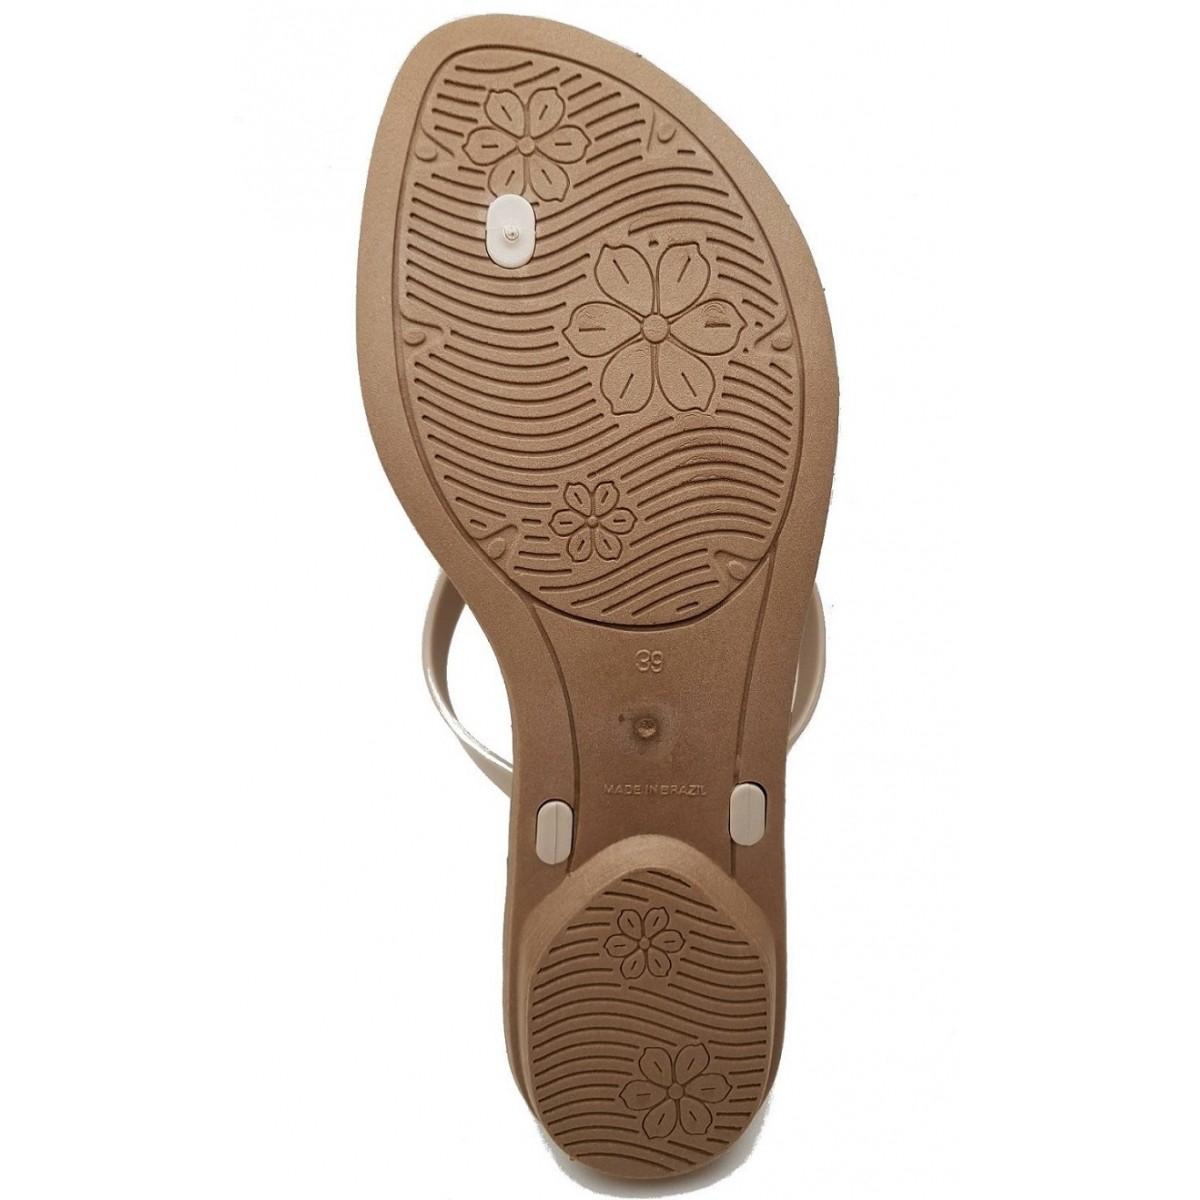 Sandália Rasteira Rasteka Super Confortável - Laço Creme e Dourado, Solado Bege e Tiras Creme  - ShopNoroeste.com.br